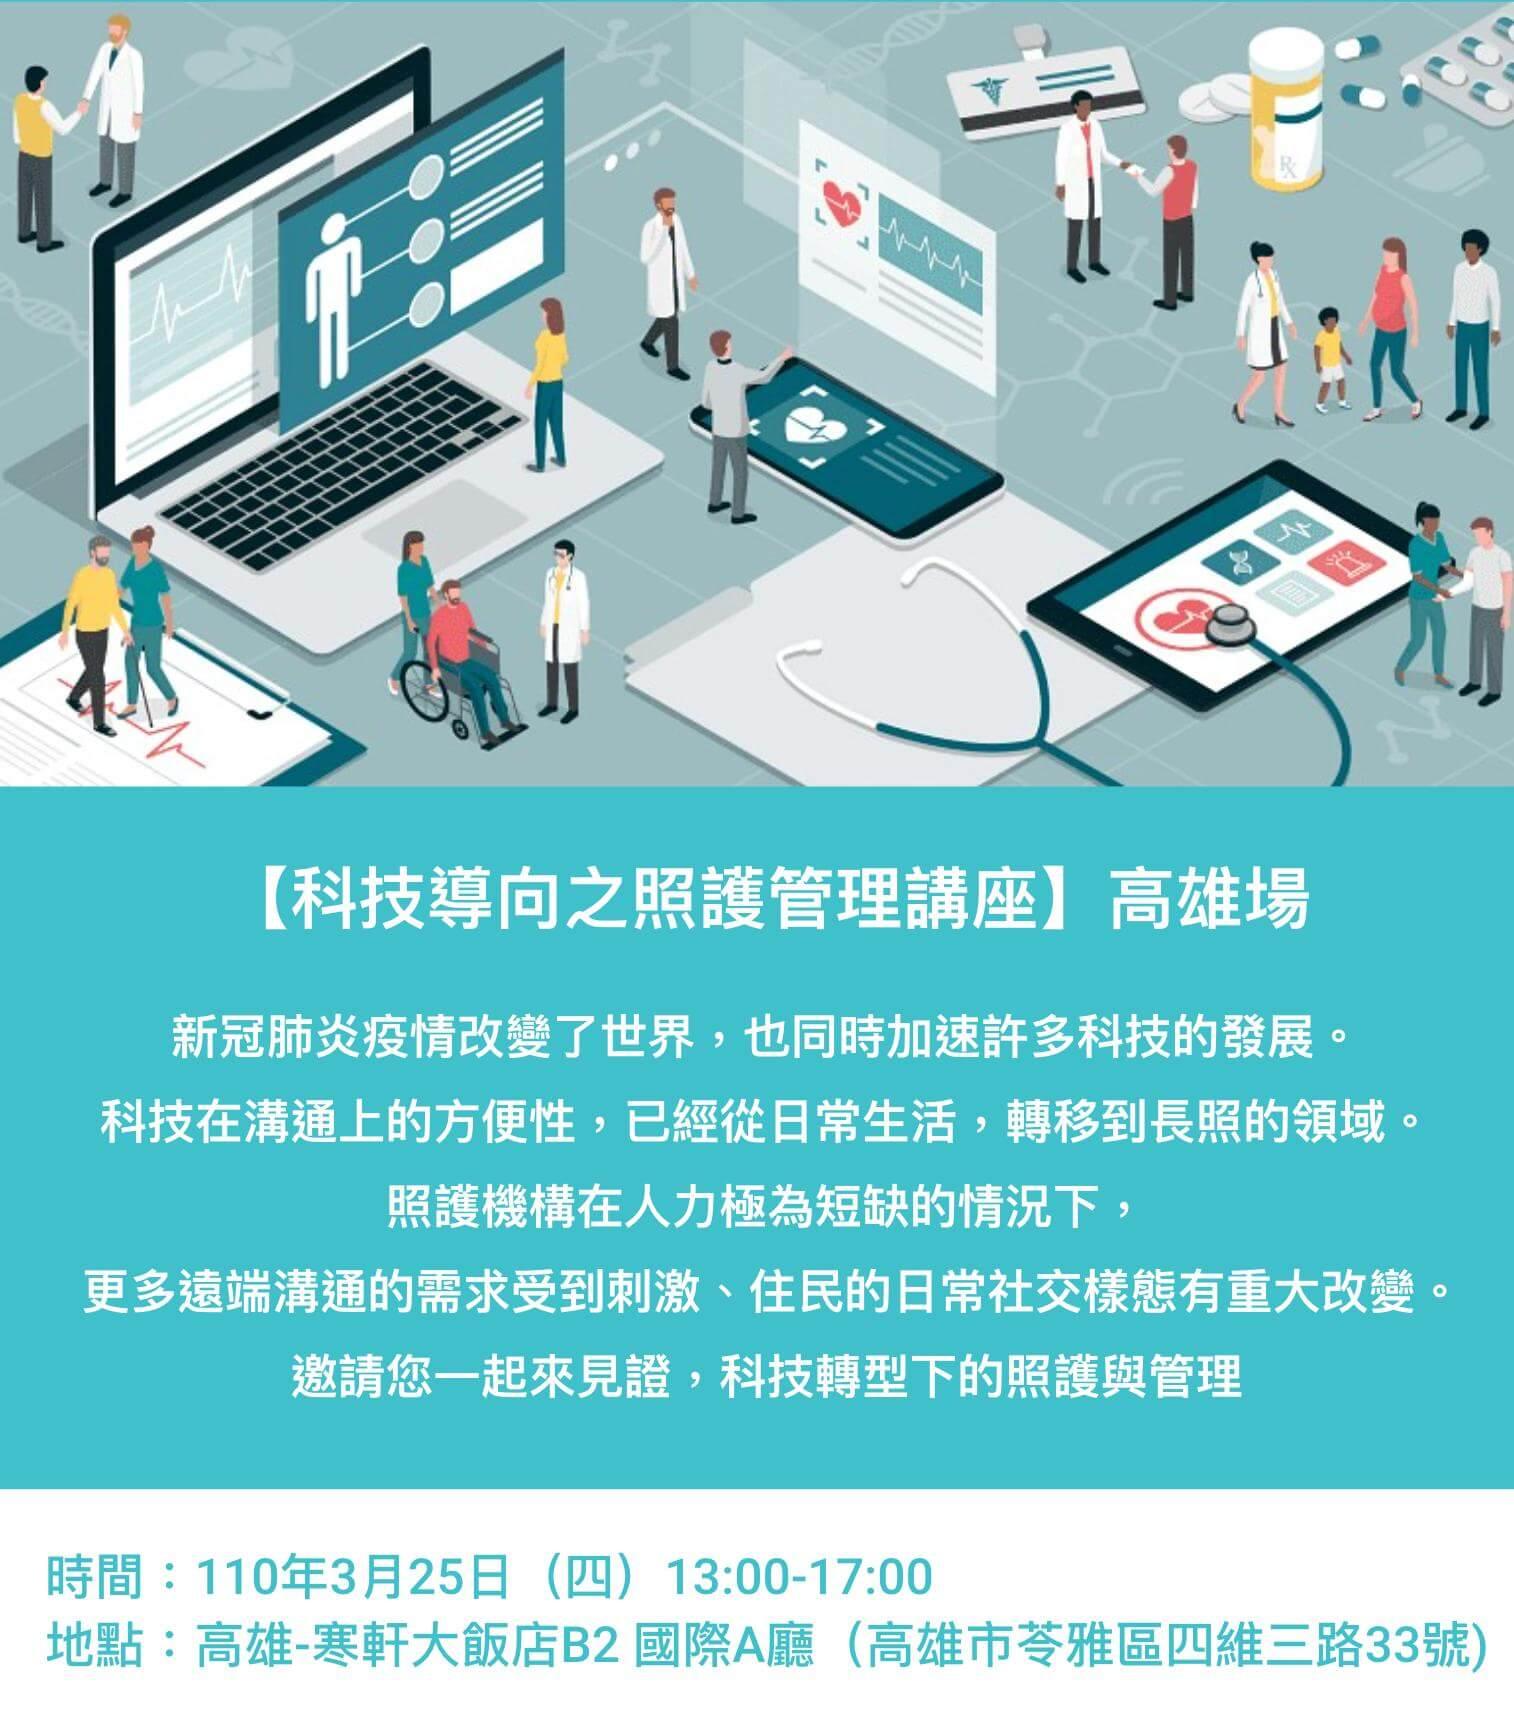 科技導向之照護管理講座